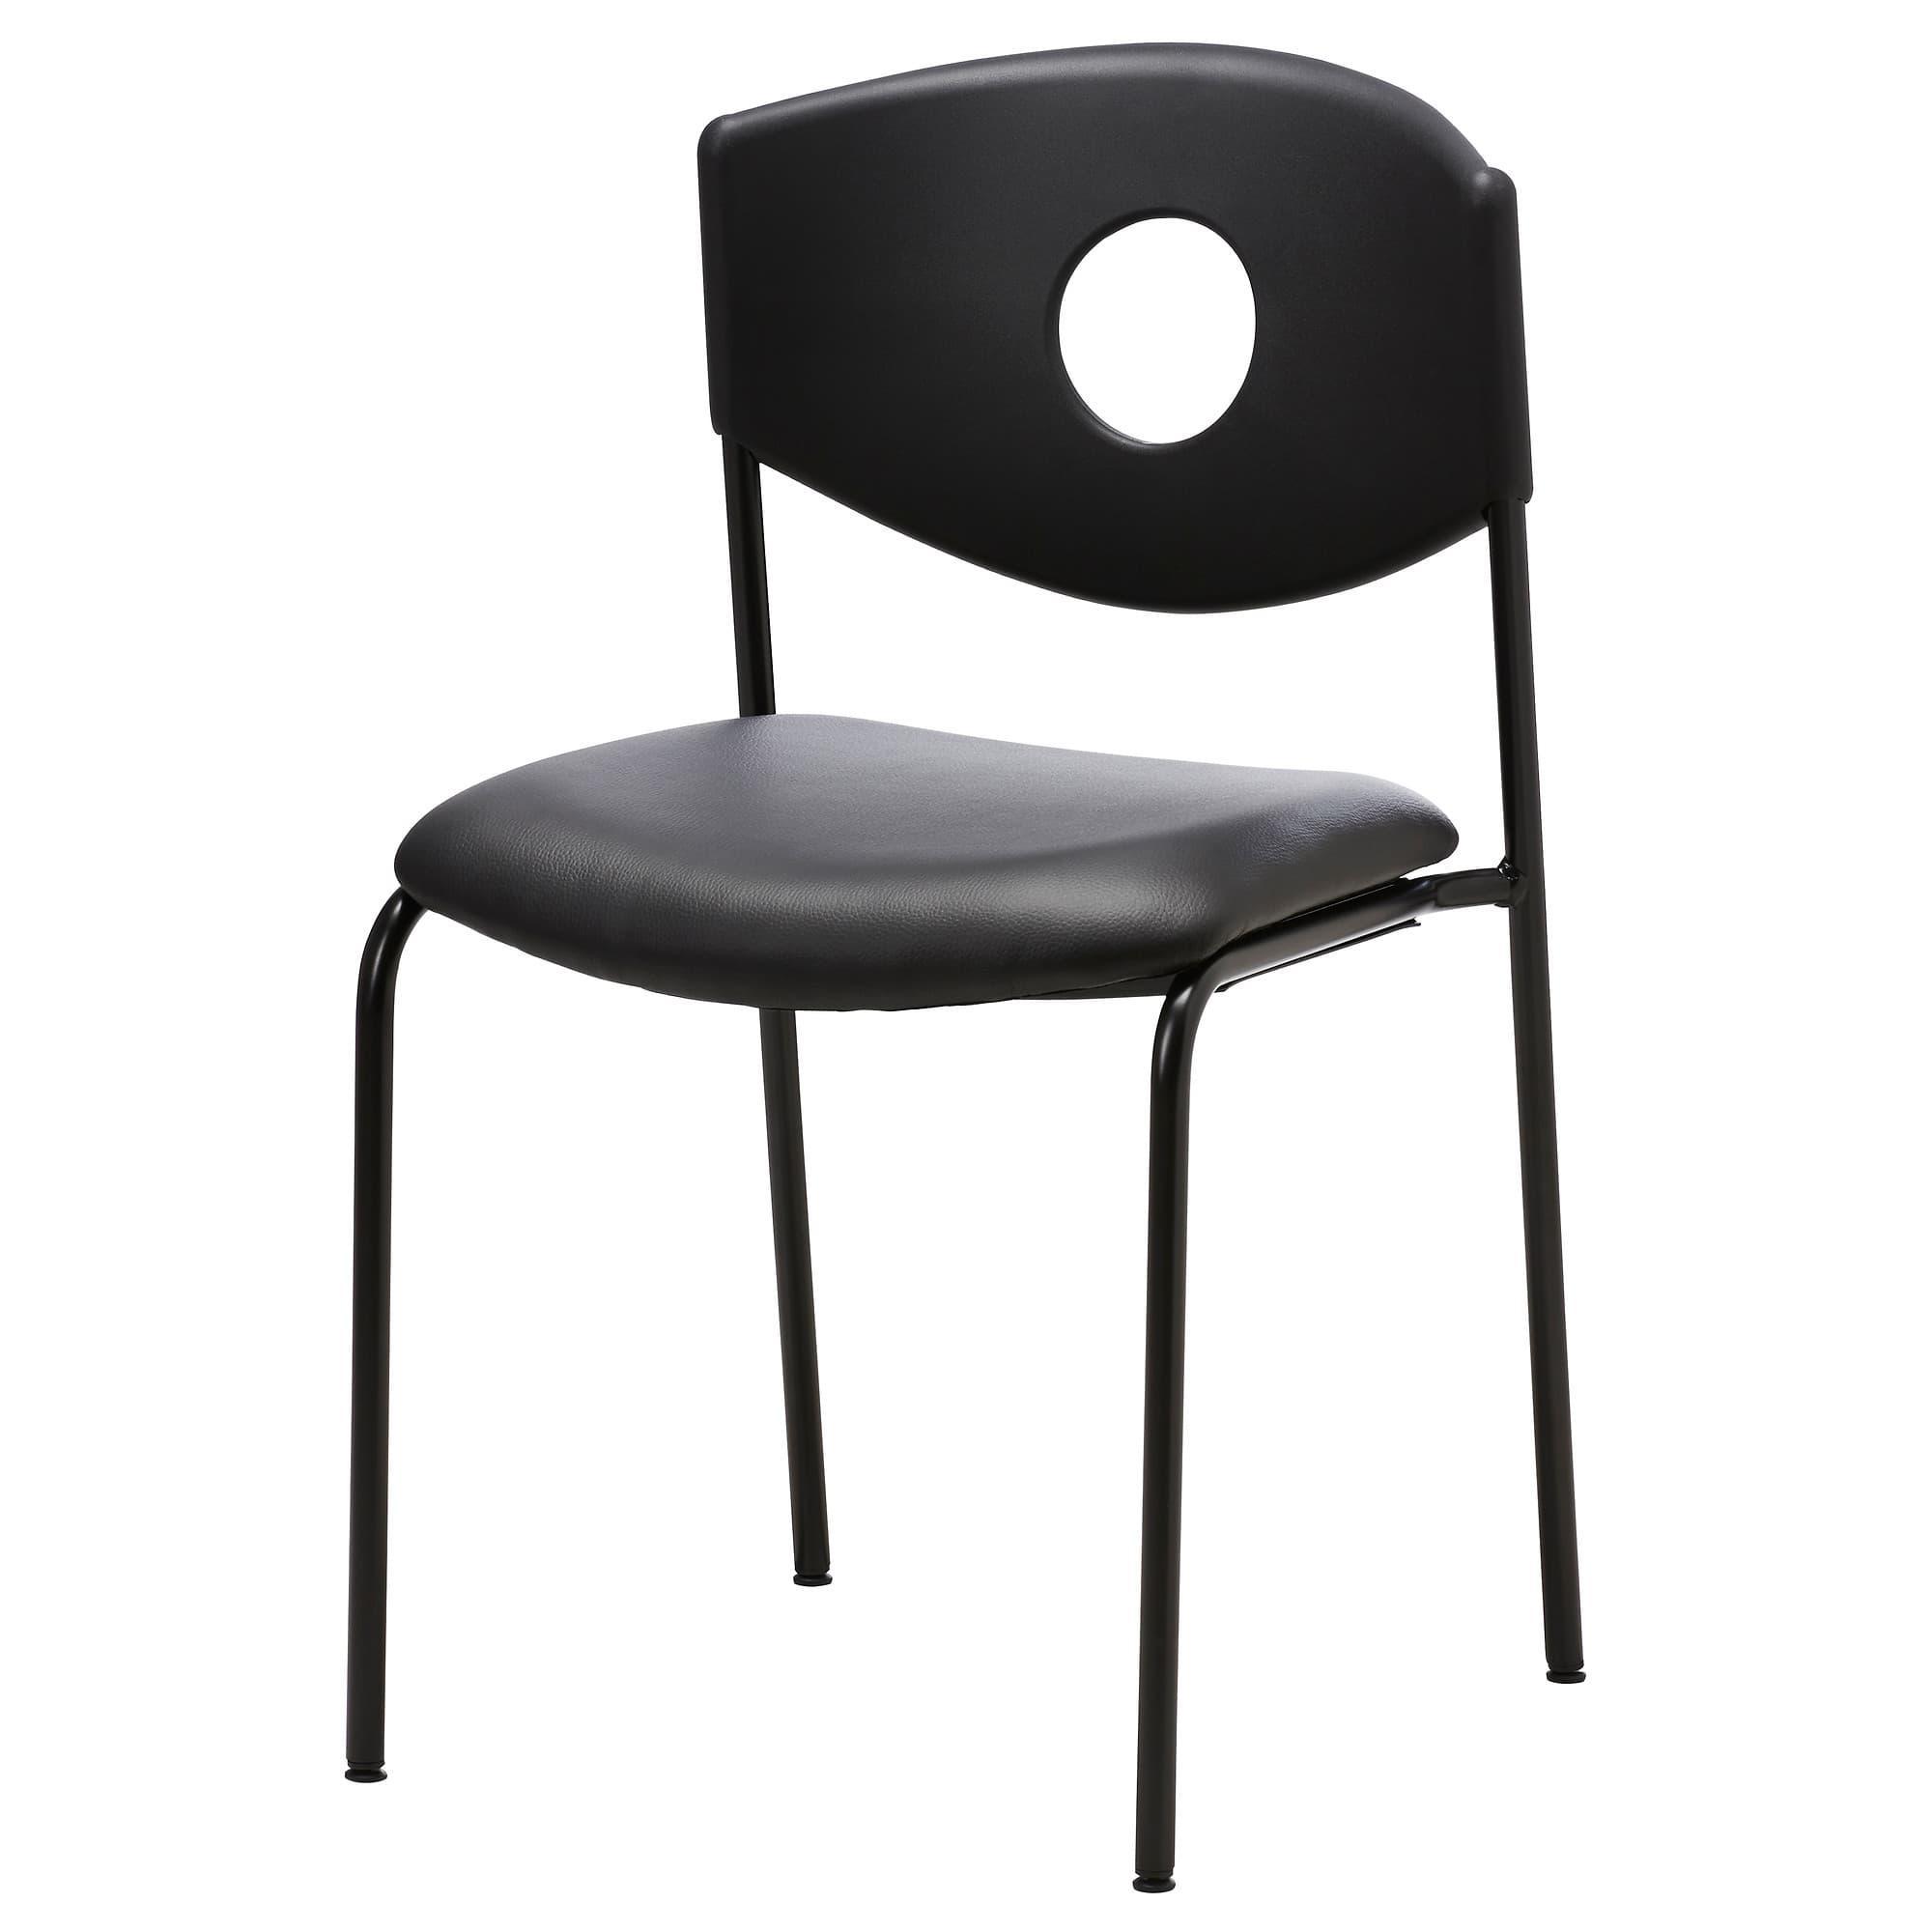 PROMO!! IKEA STOLJAN Kursi Rapat Hitam Hitam MURAH /  BUBBLE 3 LAPIS / ORIGINAL / IKEA ORIGINAL